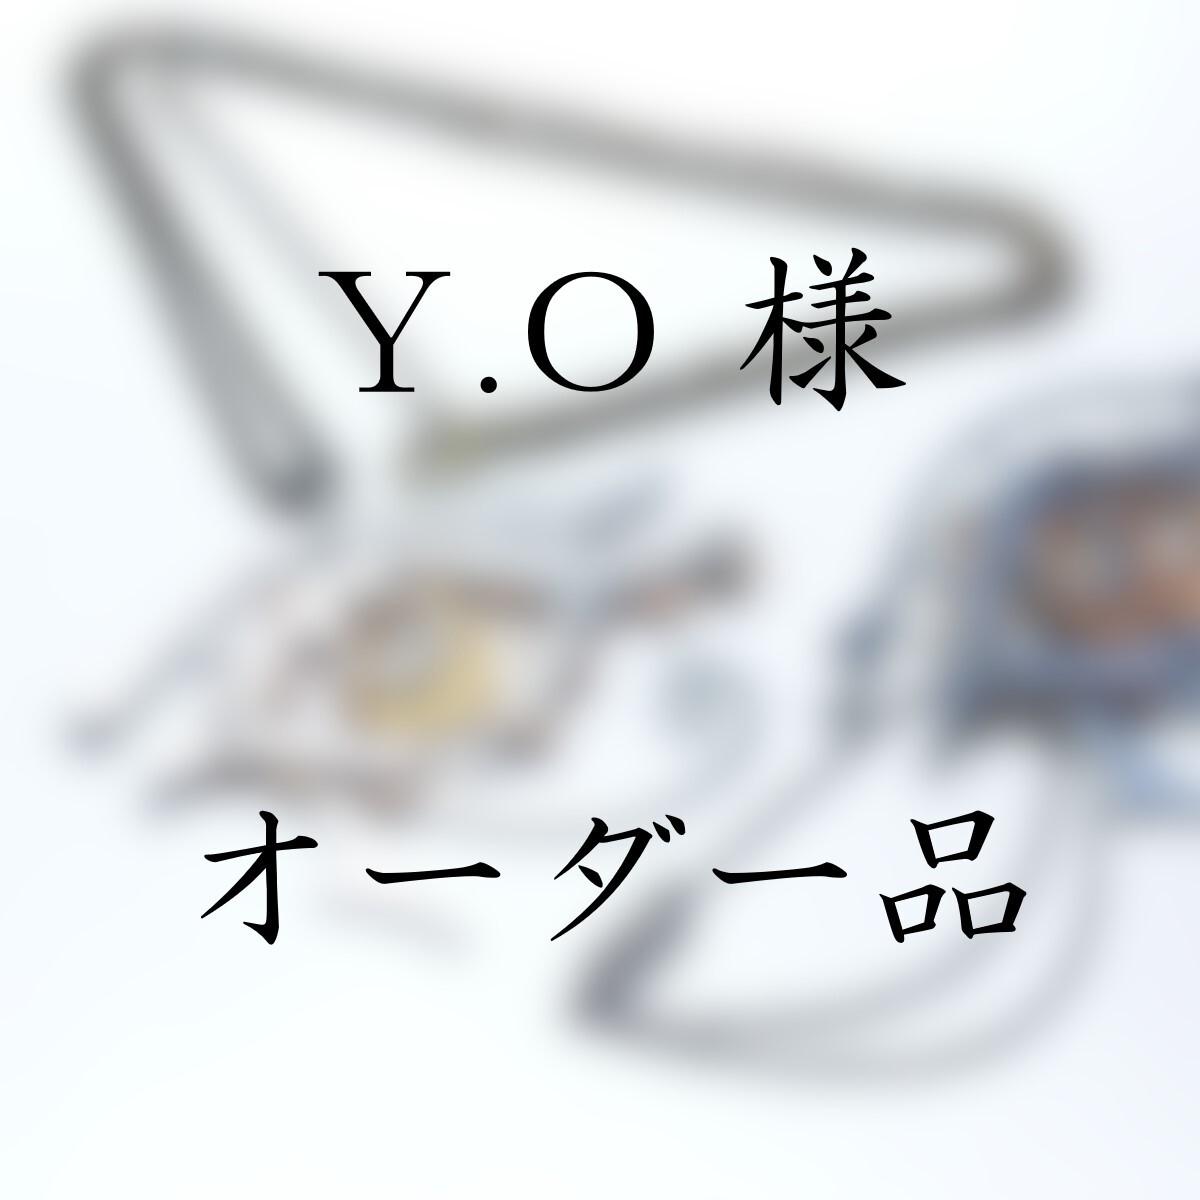 ☆Y.O様オーダー品☆ (ホルスの目)